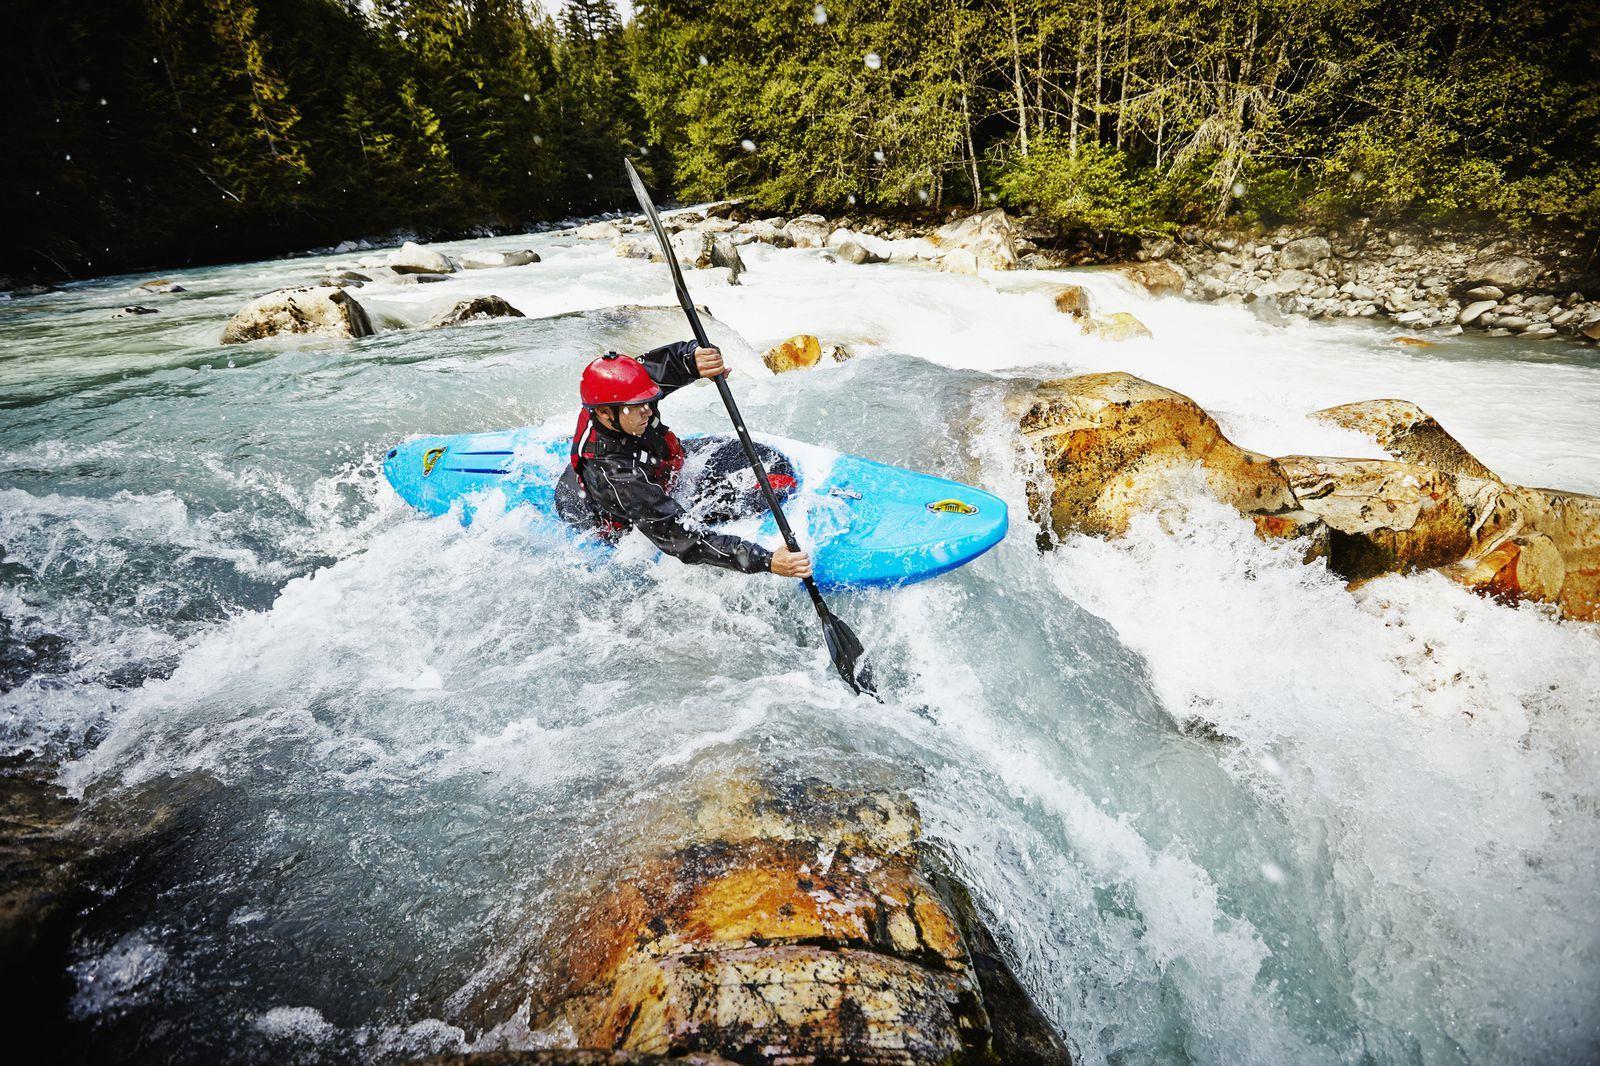 Everything you need to get started in kayaking kayaking